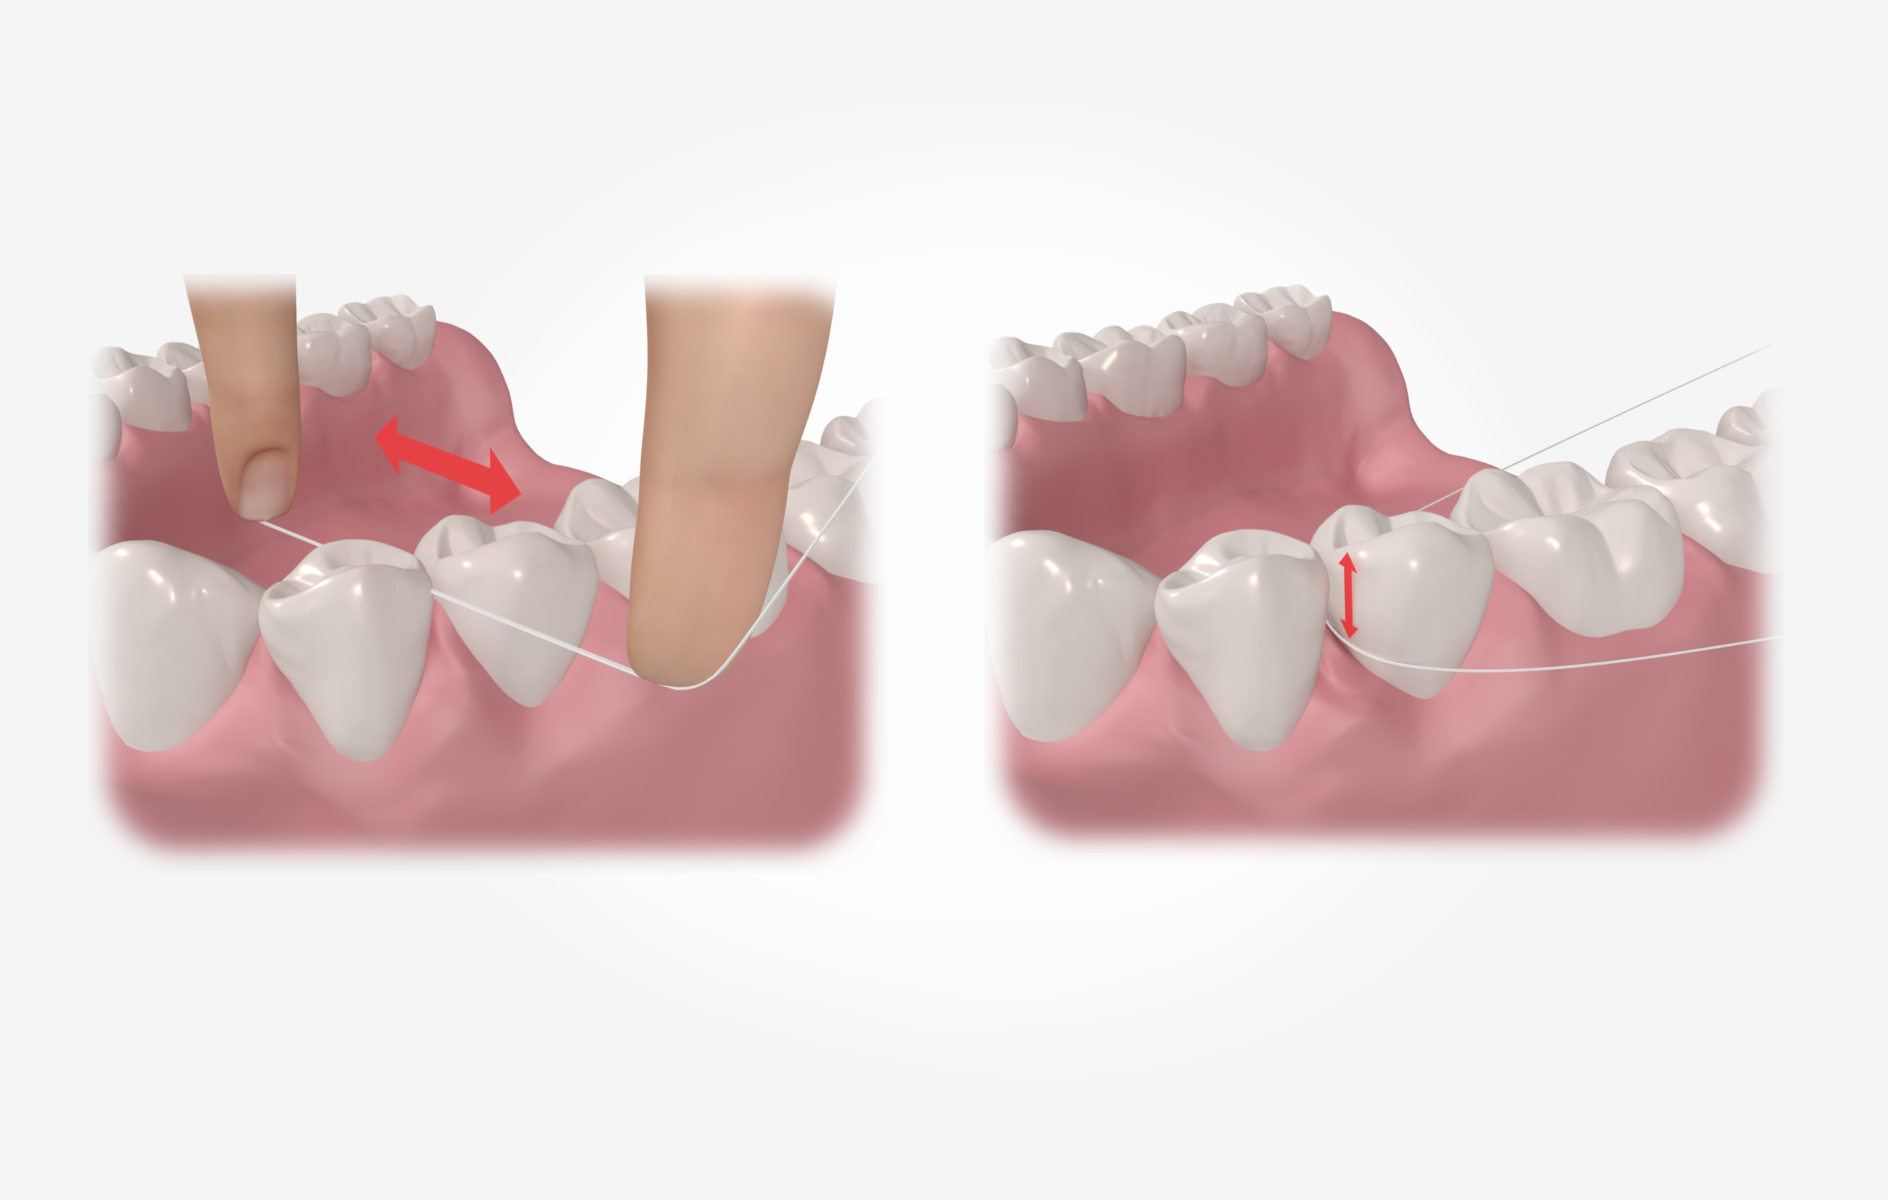 Zahnseide gegen Mundgeruch